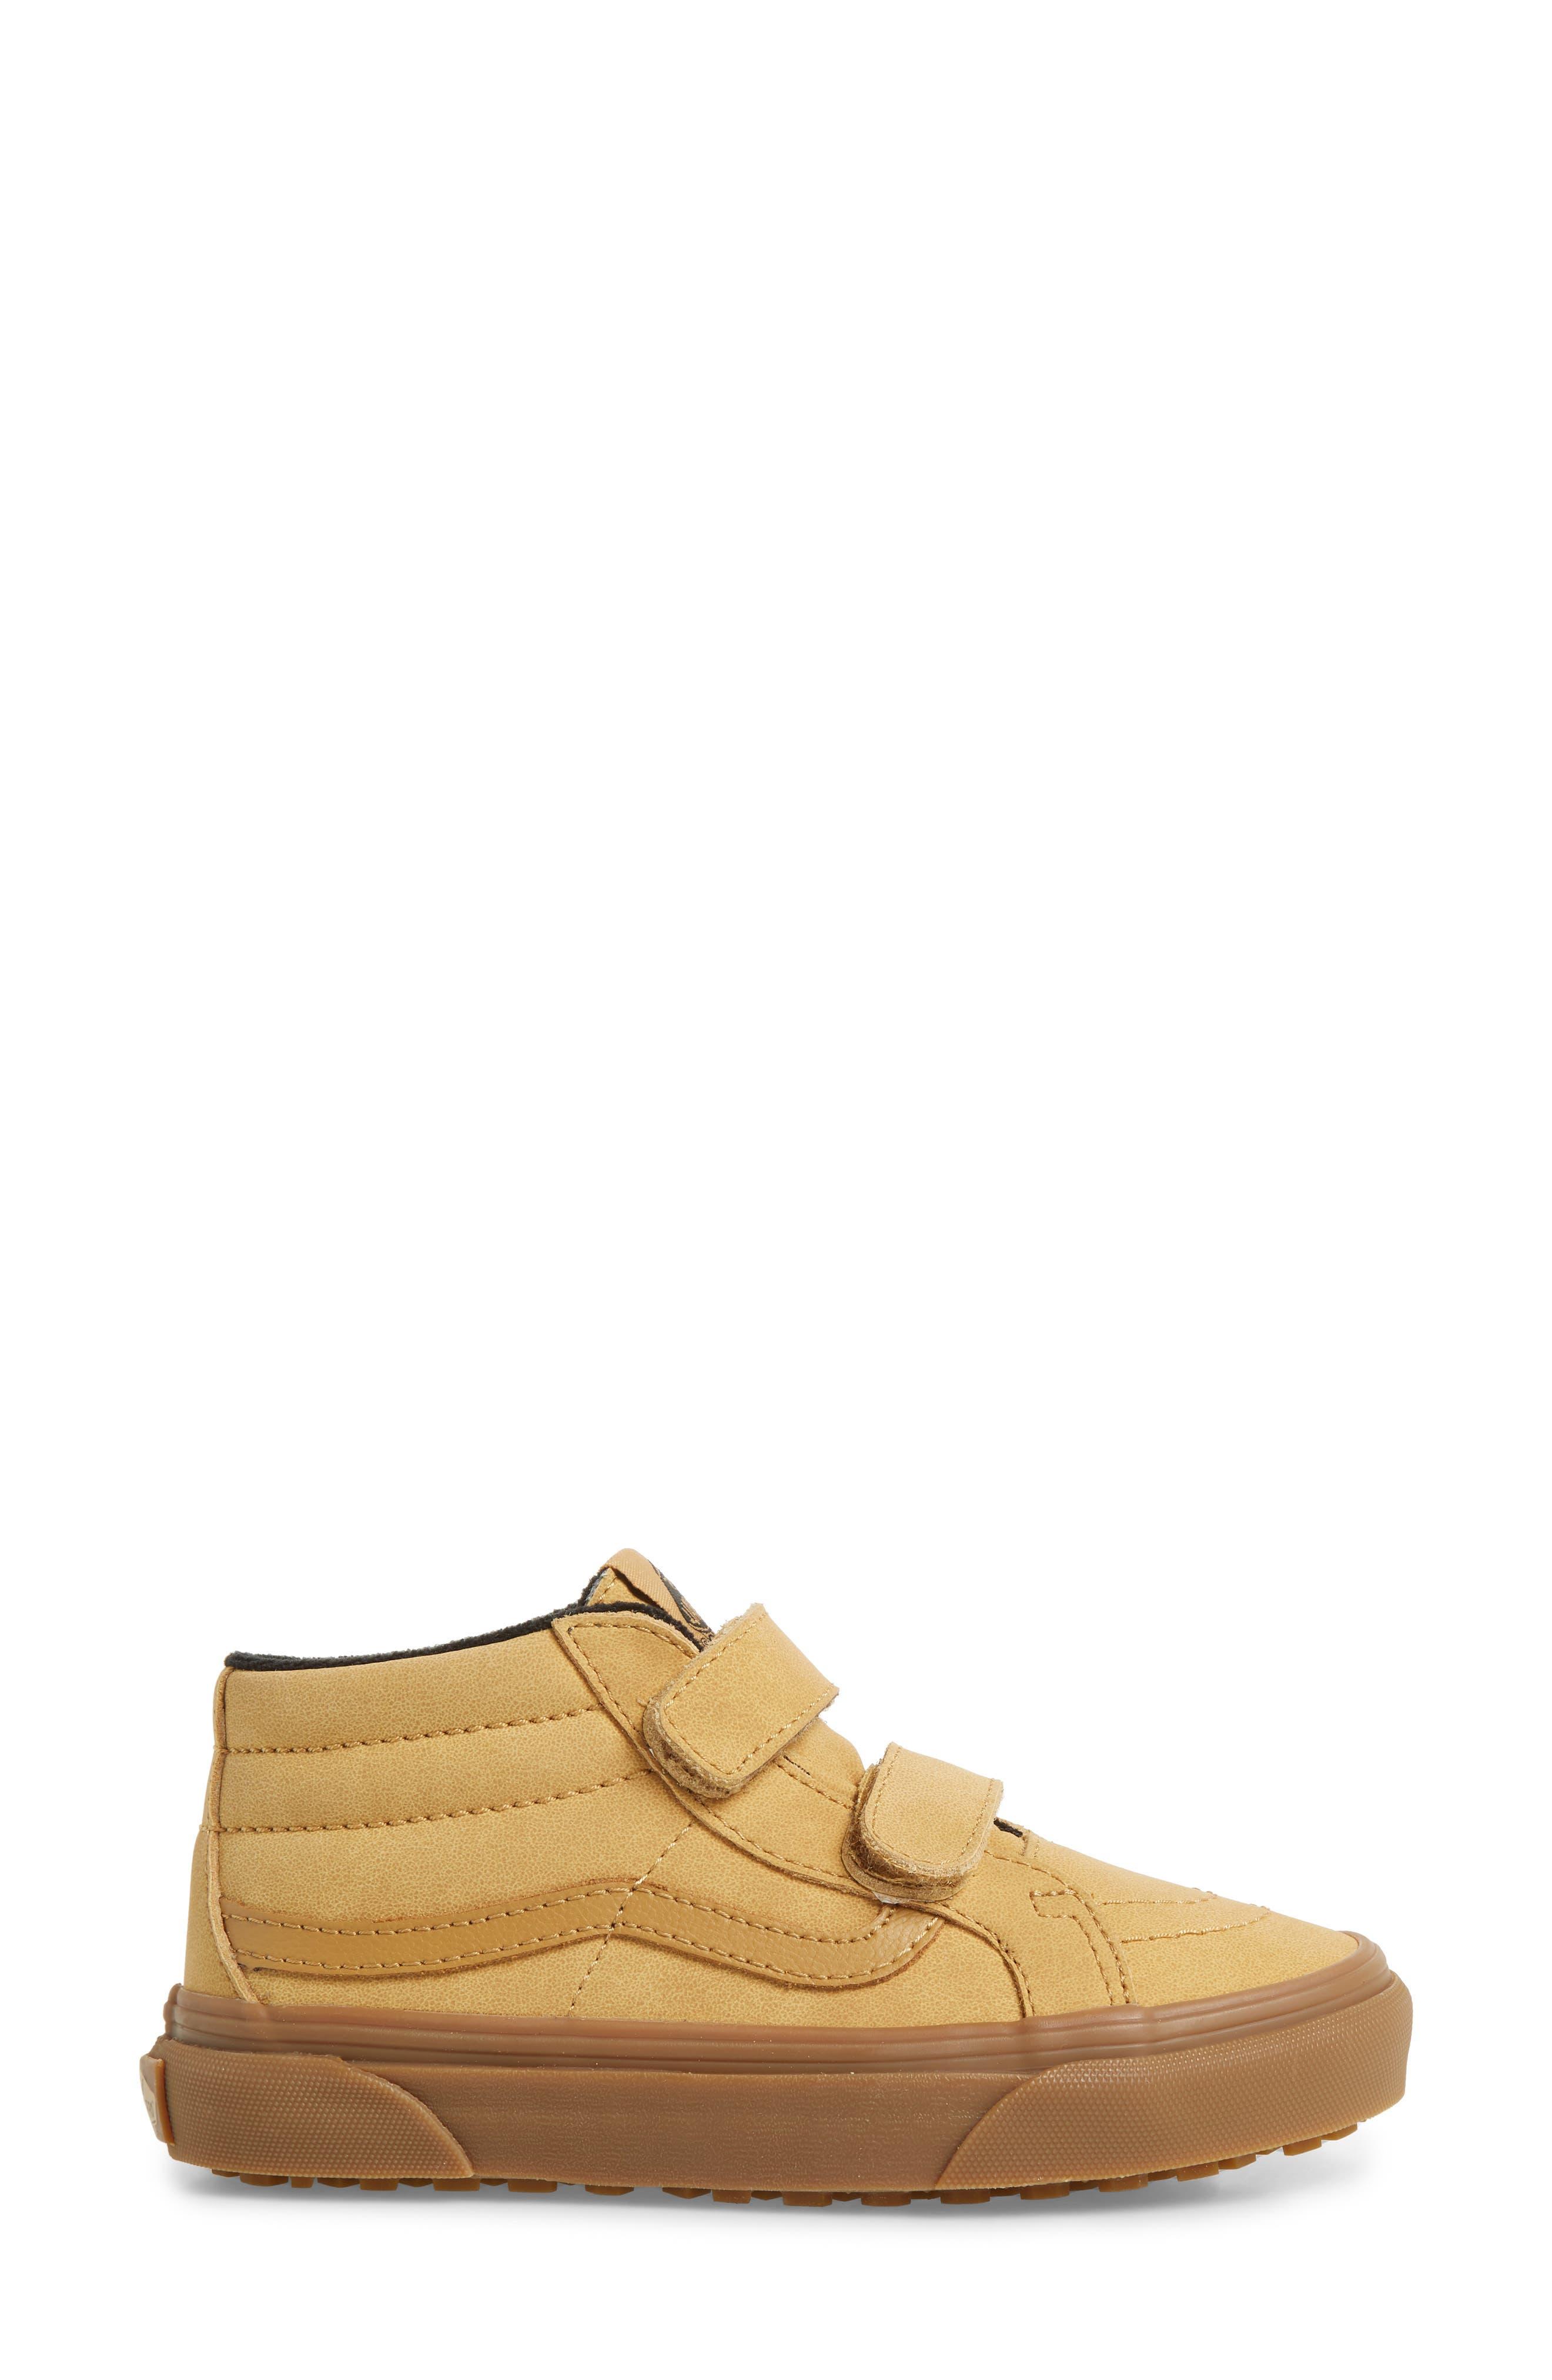 VANS,                             Sk8-Mid Reissue V Sneaker,                             Alternate thumbnail 3, color,                             VANSBUCK/ APPLE CINNAMON